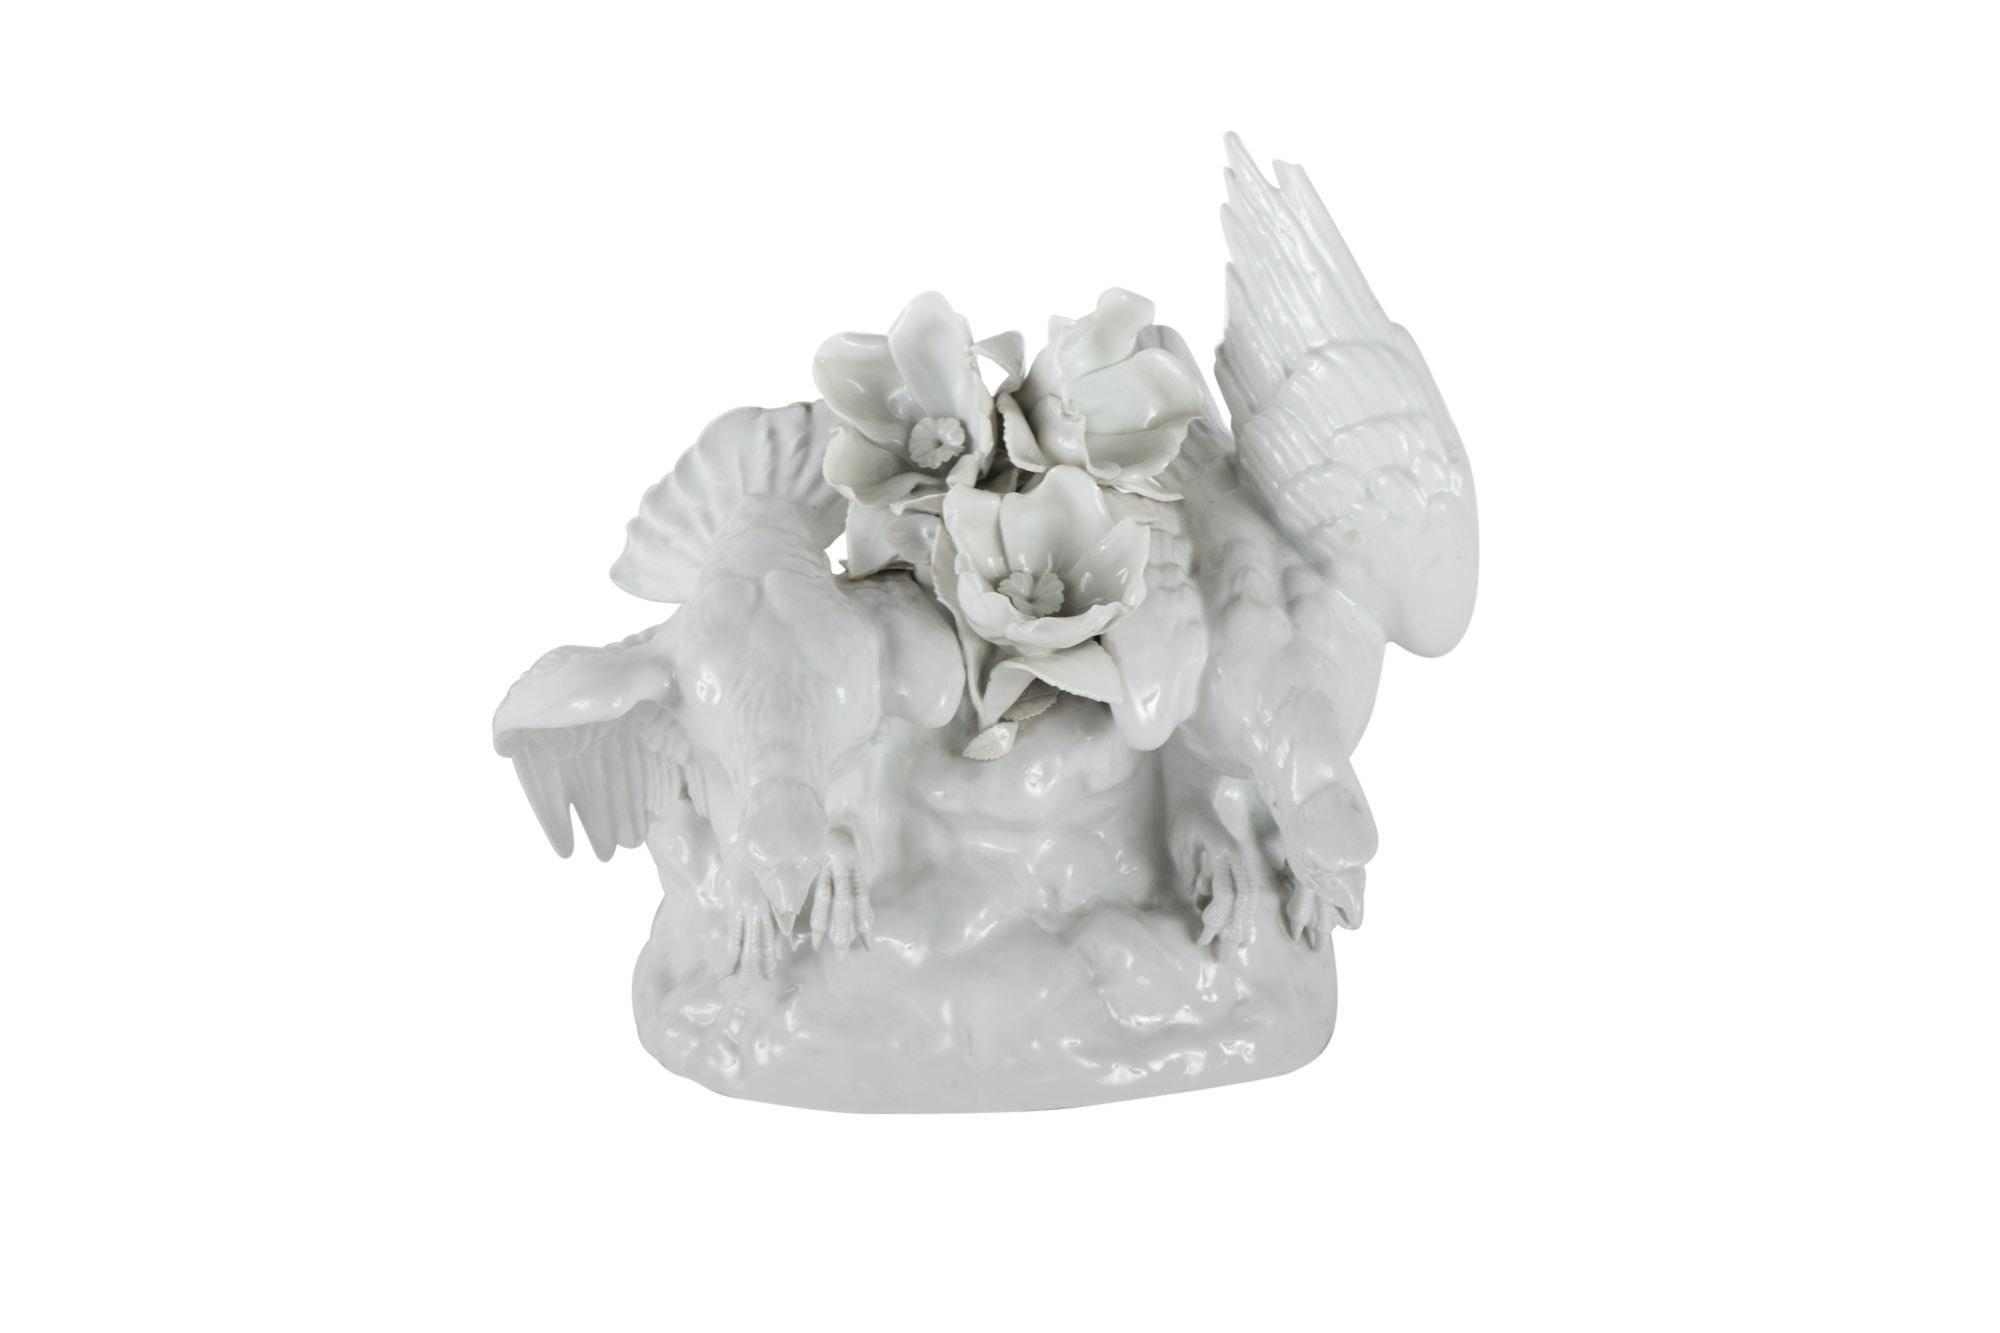 German White Porcelain Game Bird Centerpiece, 20th Century